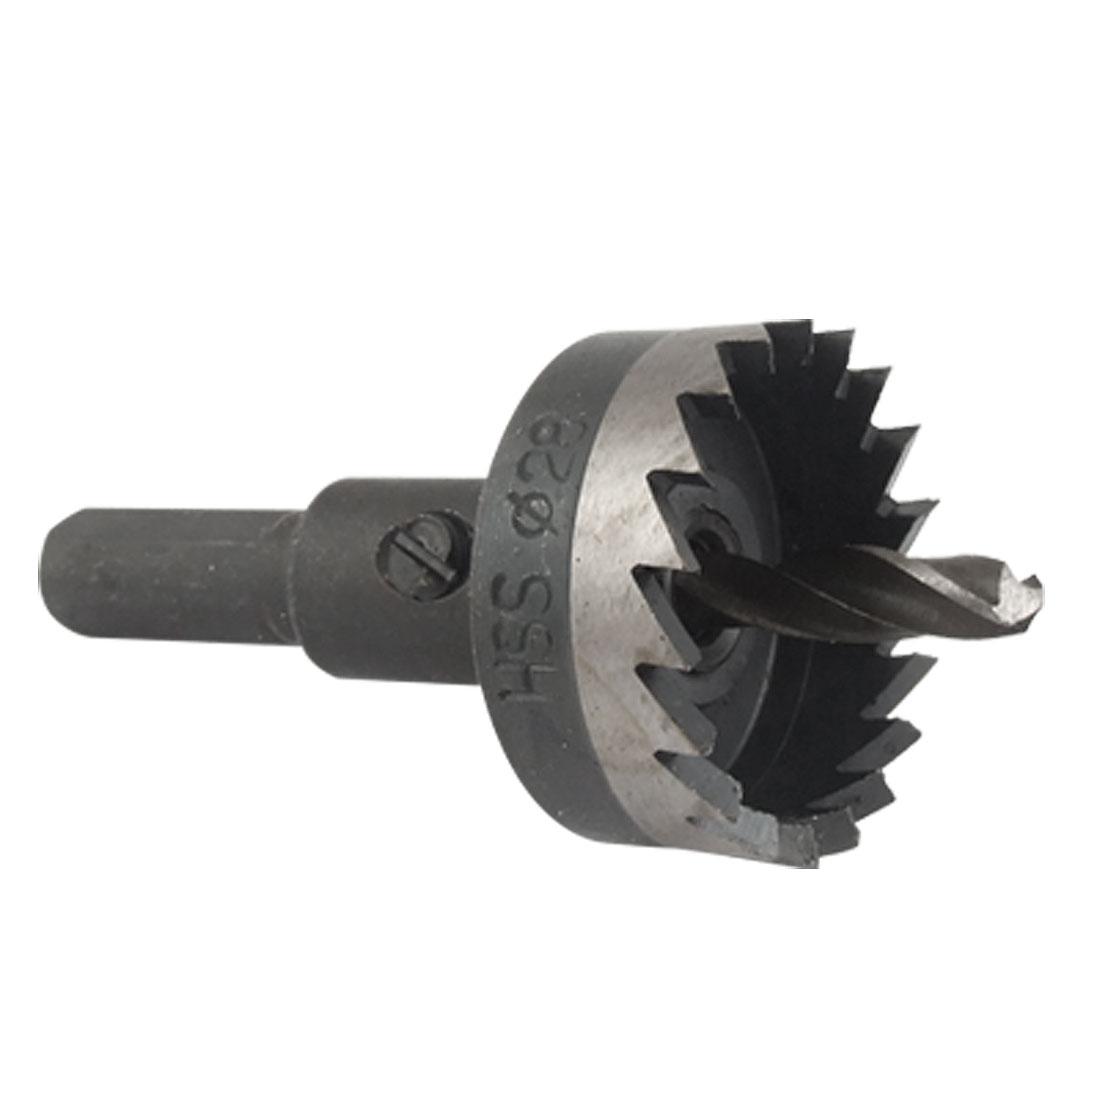 Twist Drill Bit 3 Flat Shank 28mm Dia Hole Saw Metal Cutter